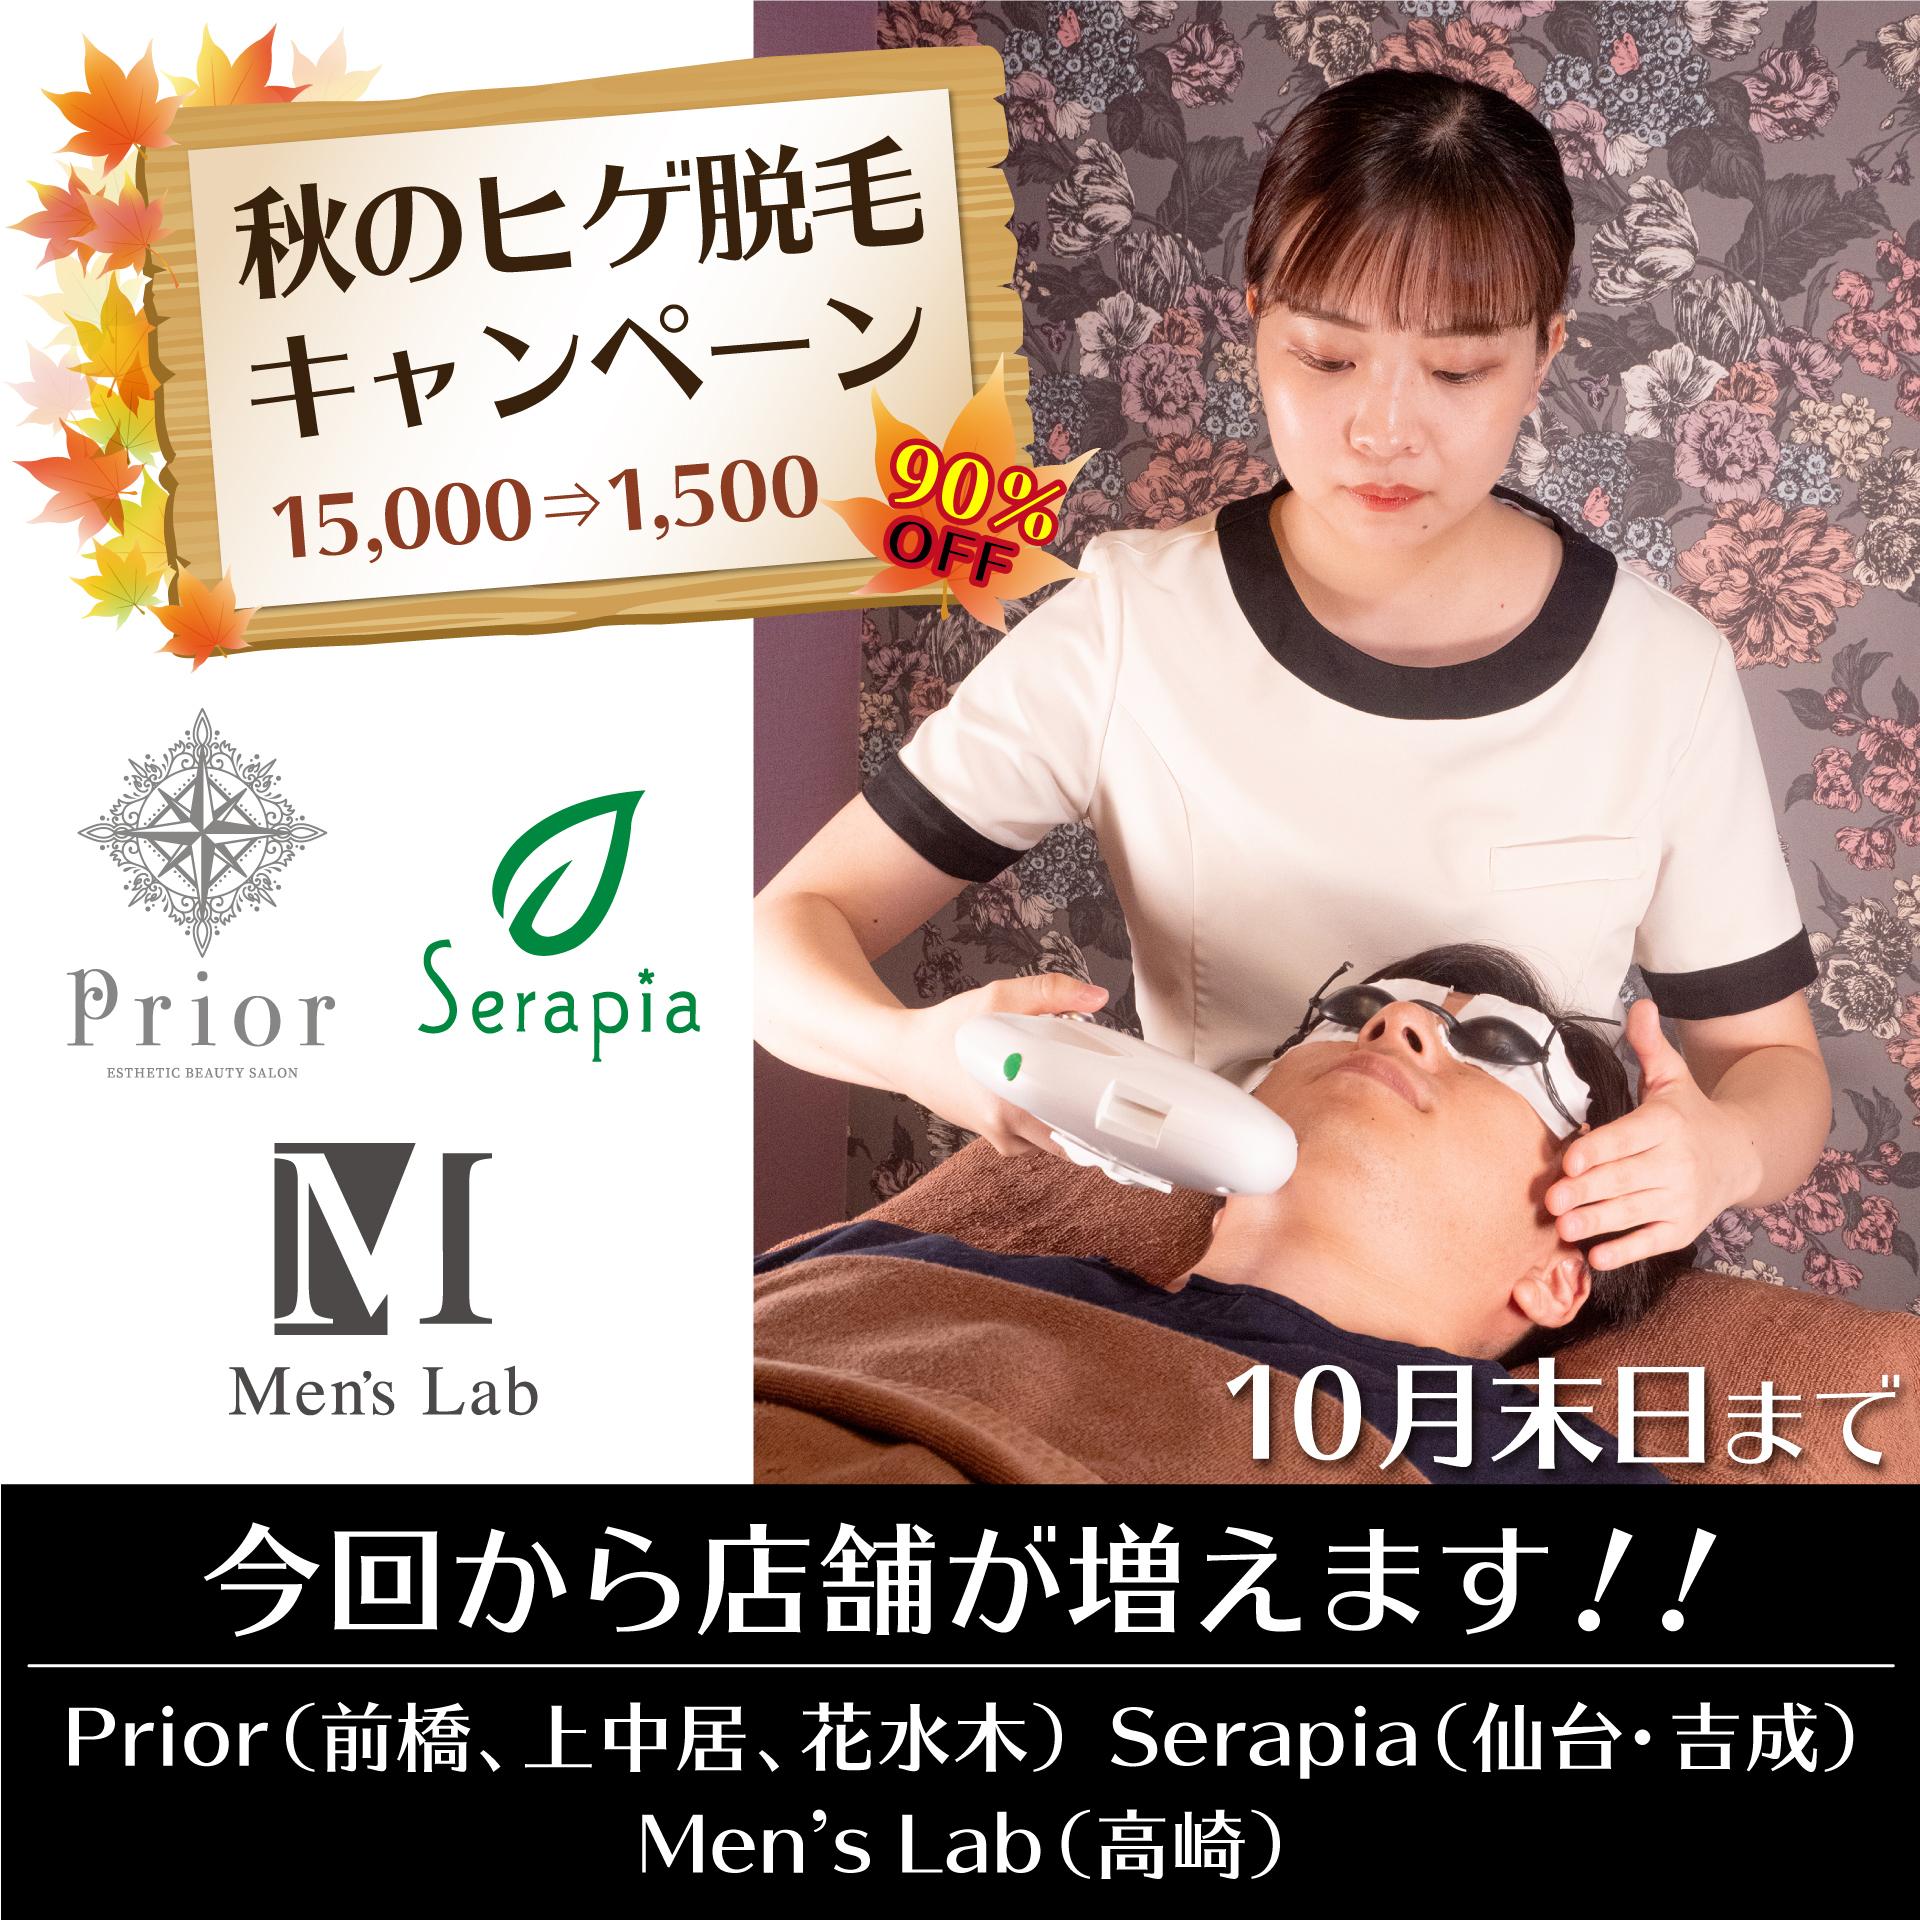 PLAISIRグループ 秋のヒゲ脱毛キャンペーン(2020年10月31日まで)